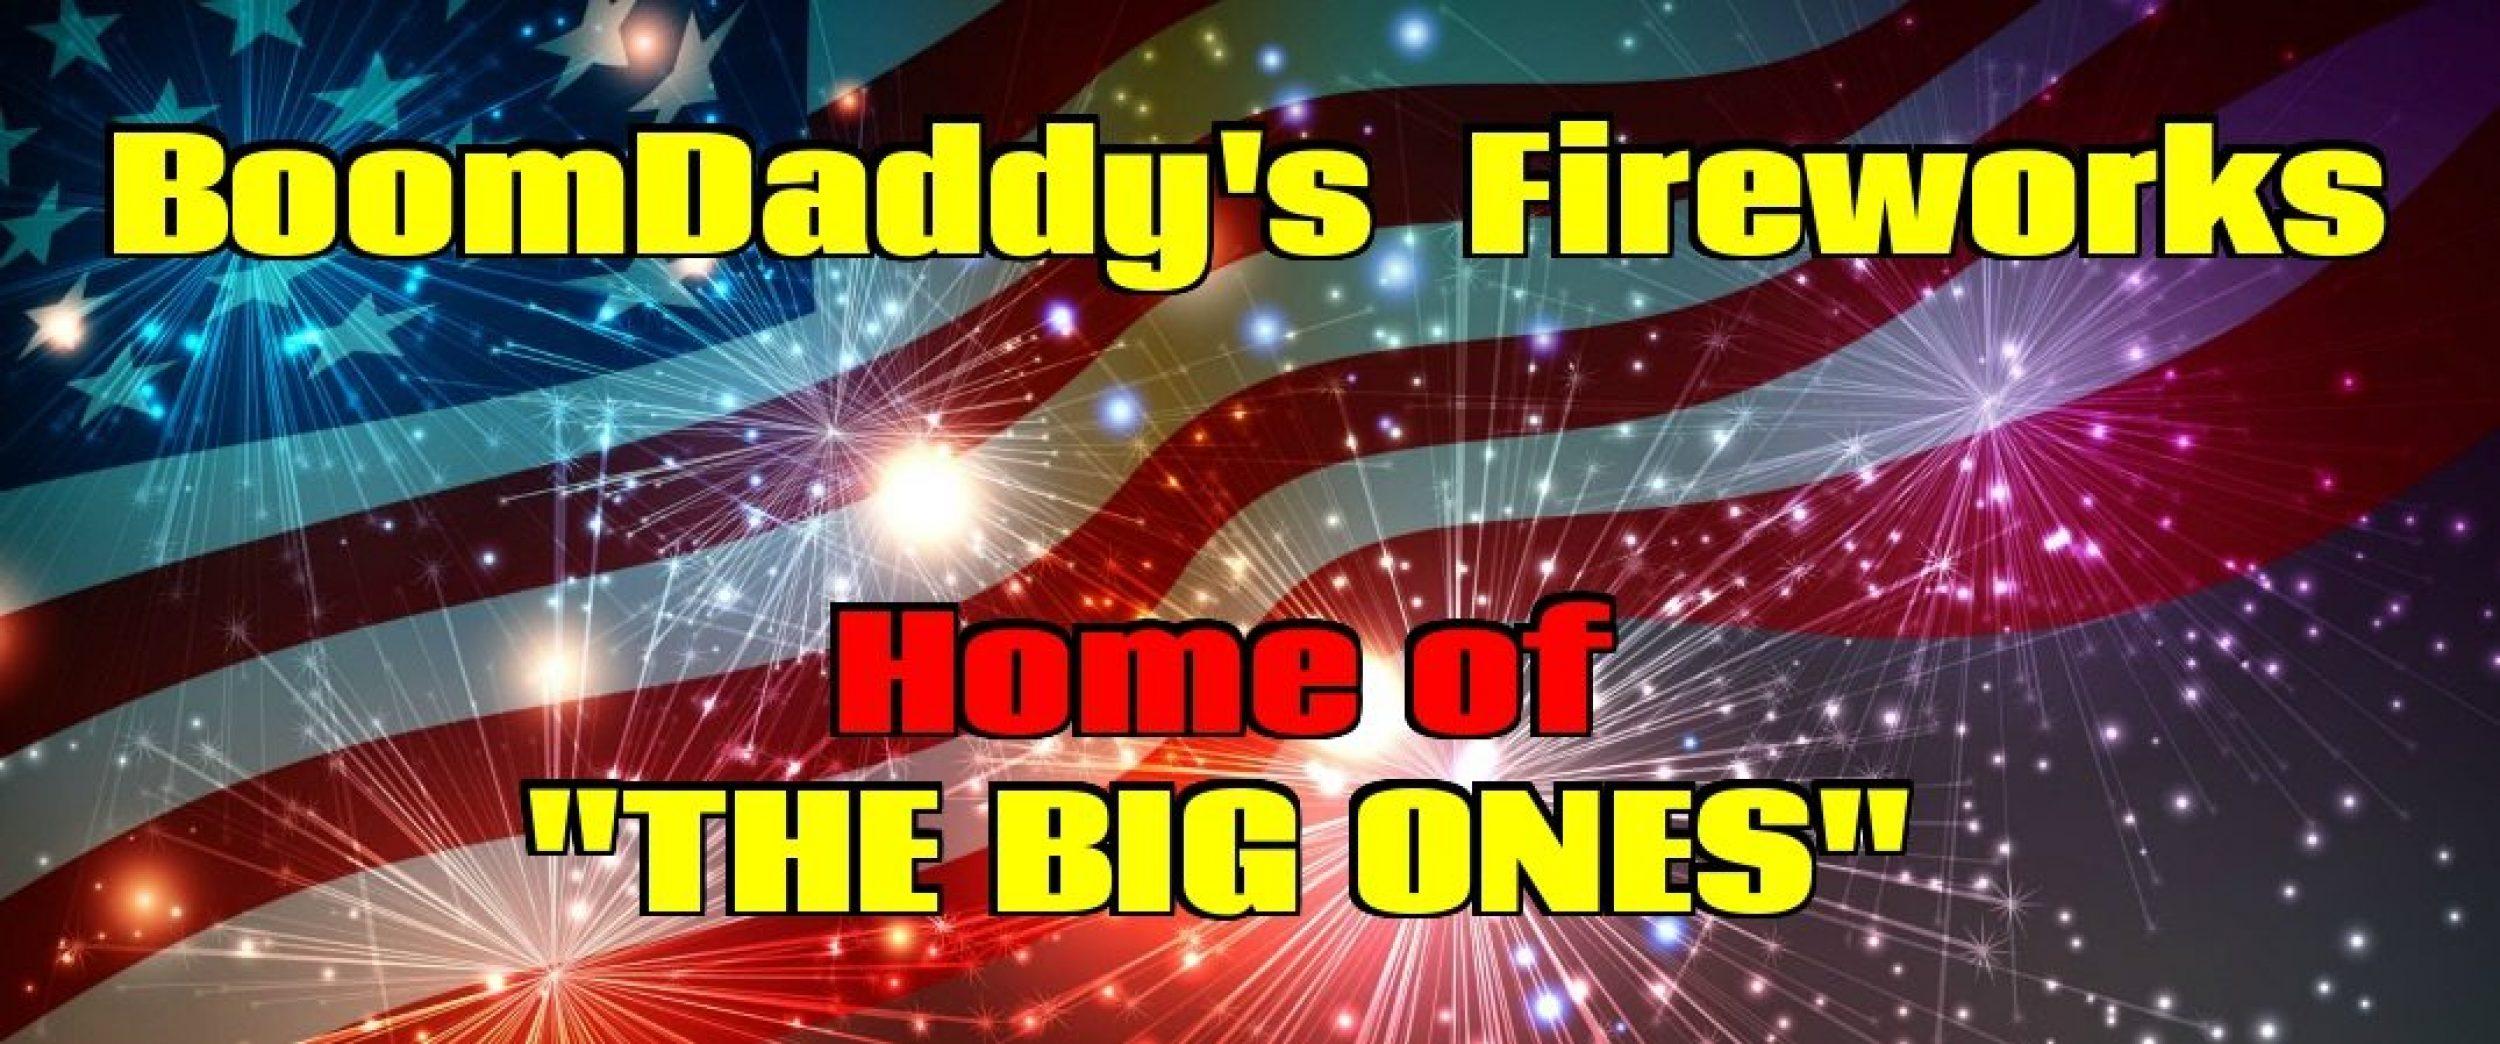 BOOMDADDY'S FIREWORKS